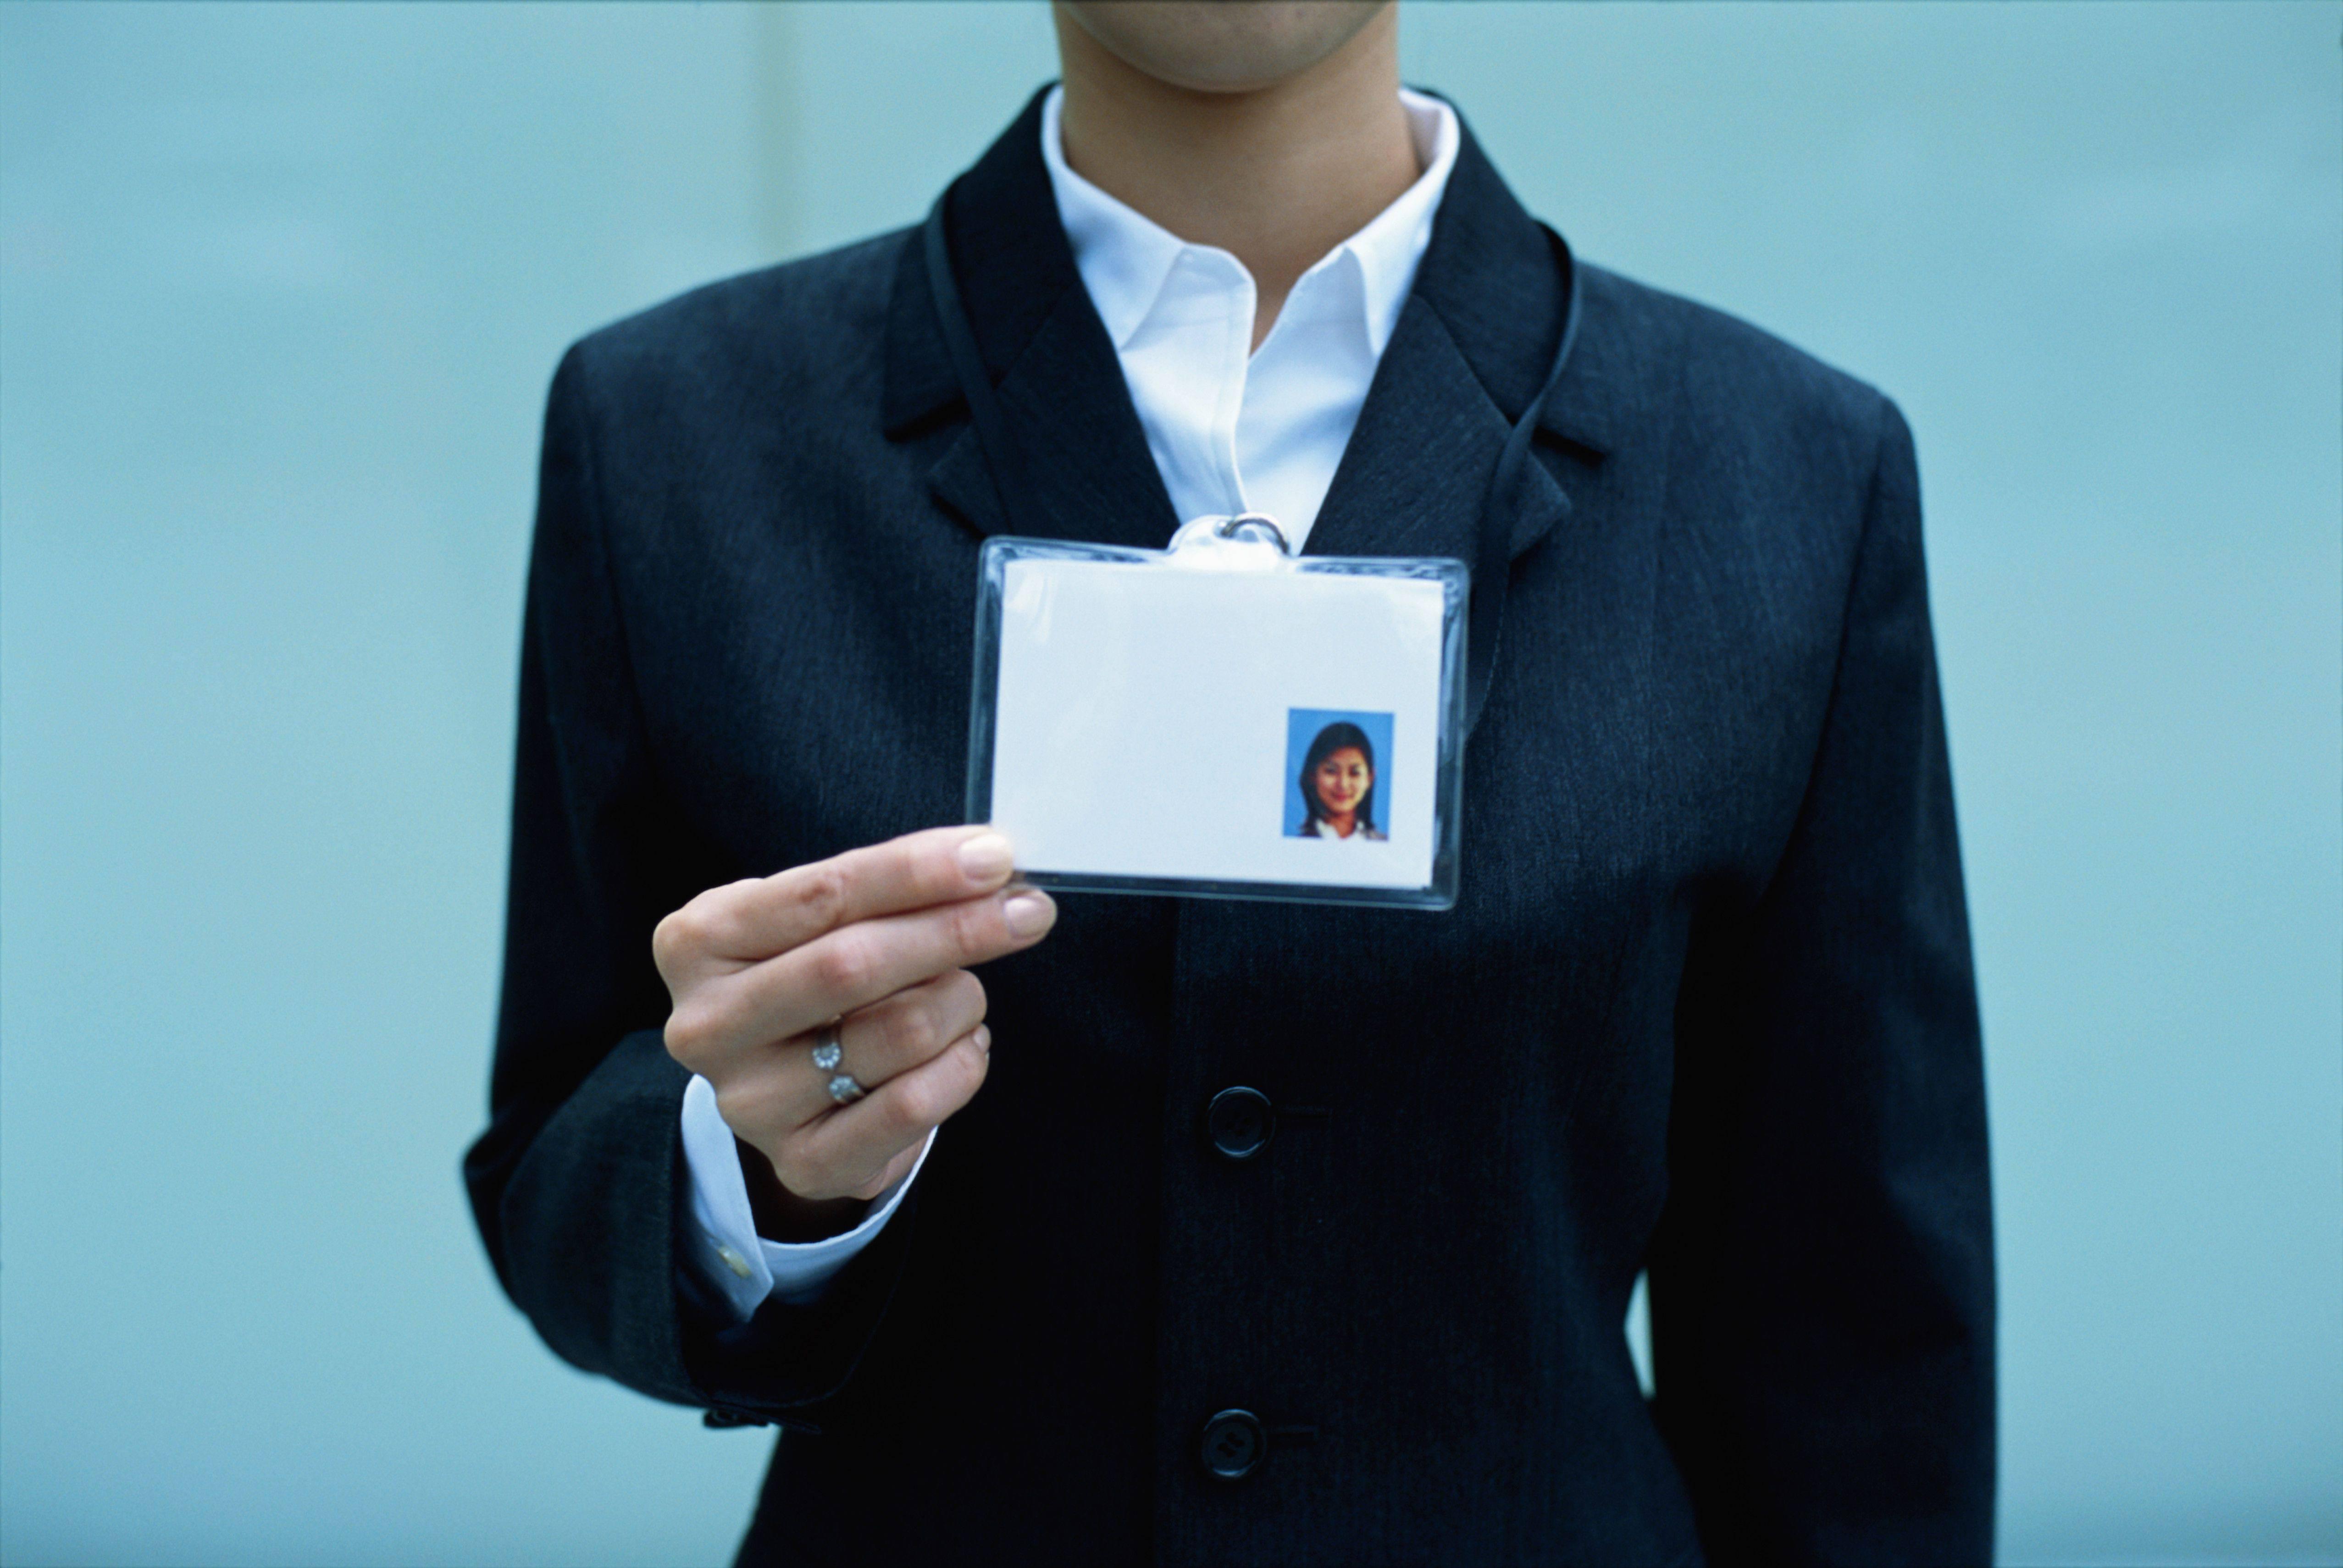 Как зарегистрировать ооо с иностранным учредителем (физическое / юридическое лицо) в 2021 году